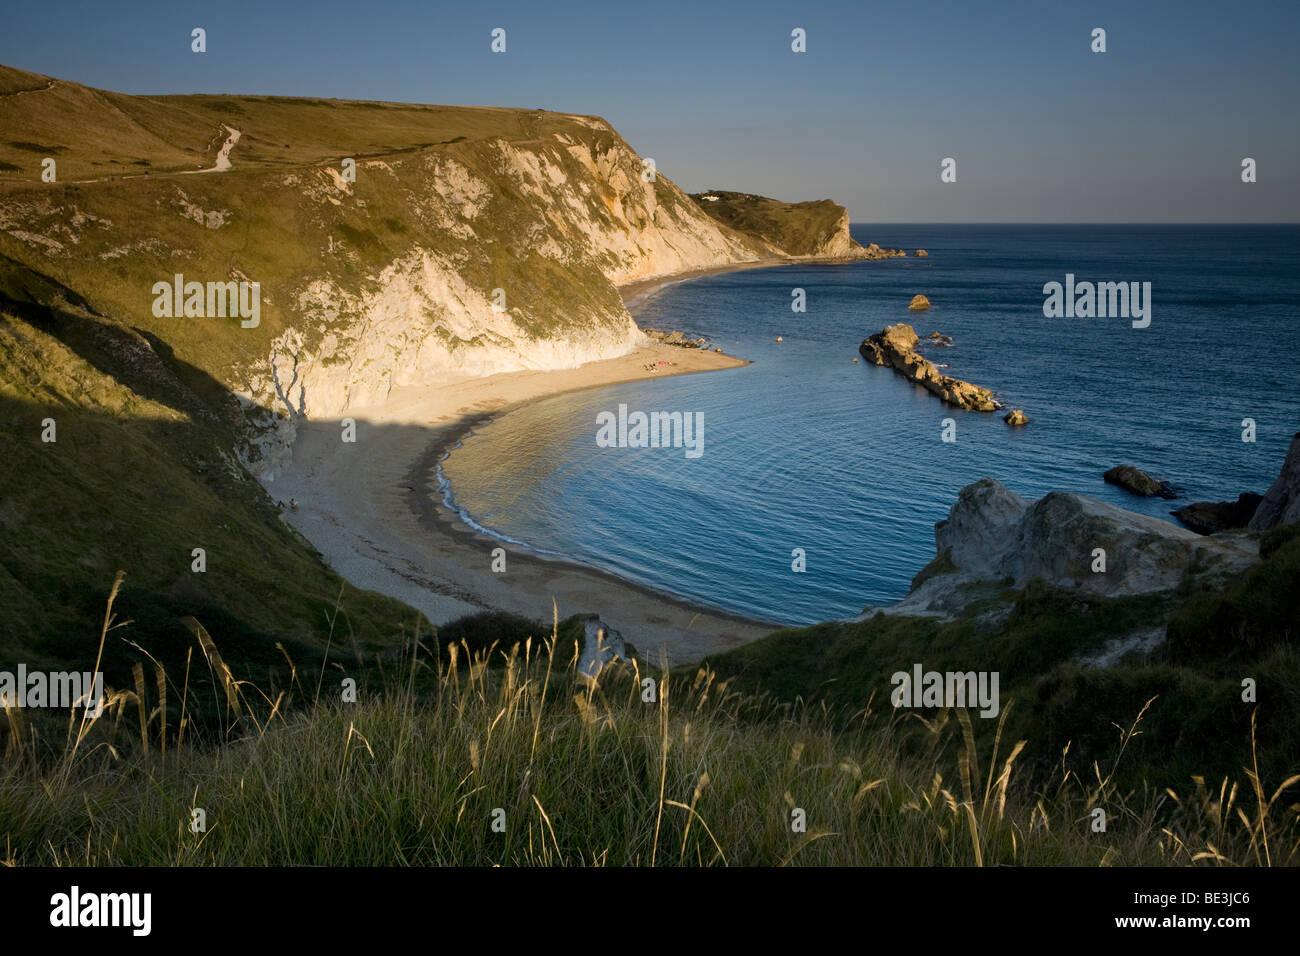 Hombre de guerra cerca de la puerta de Durdle Bay en la costa de Dorset, Inglaterra, Reino Unido. Foto de stock